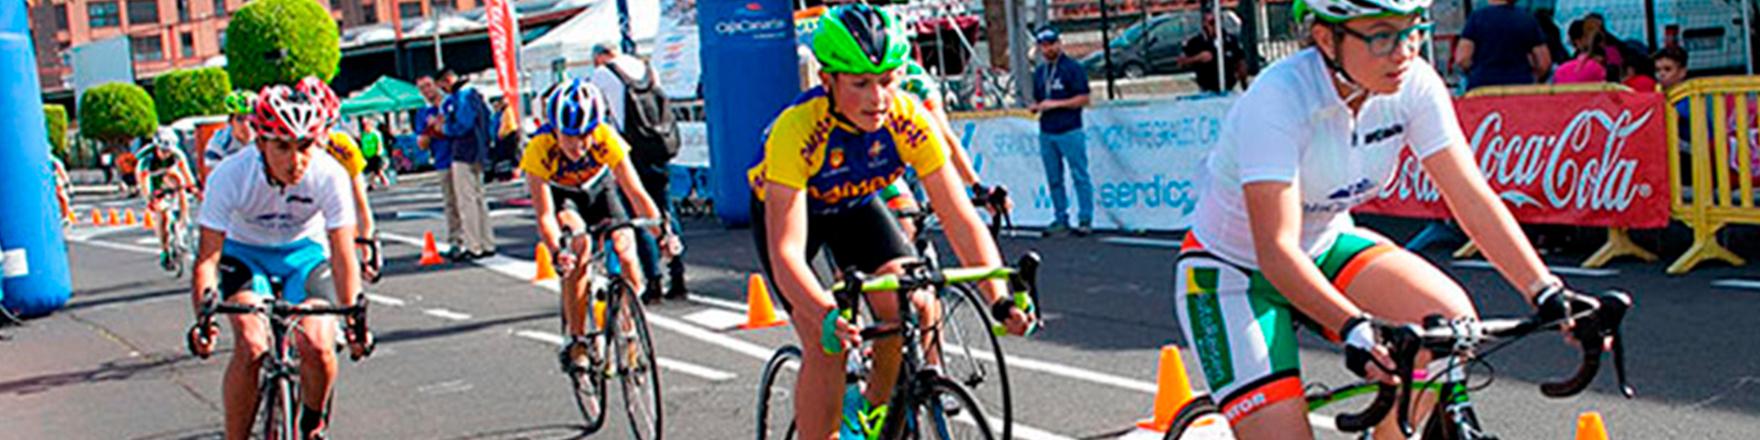 ciclismo bg seccion